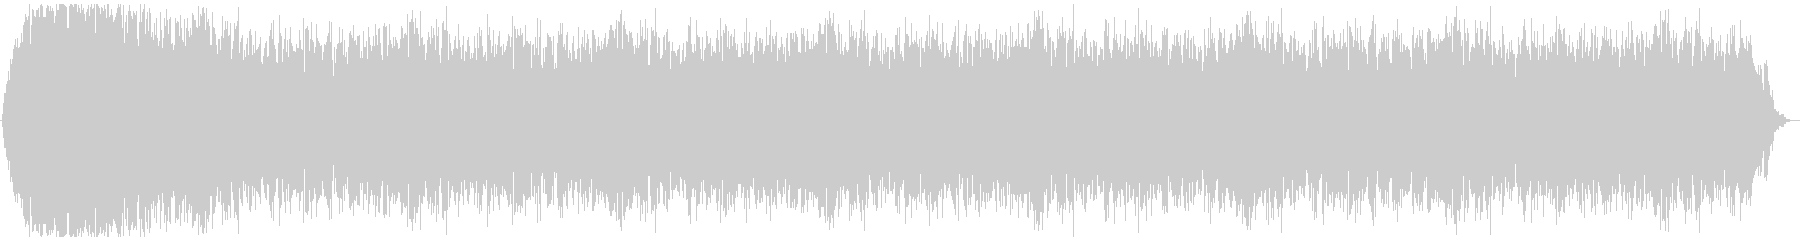 ドローン ストームロー03の未再生の波形